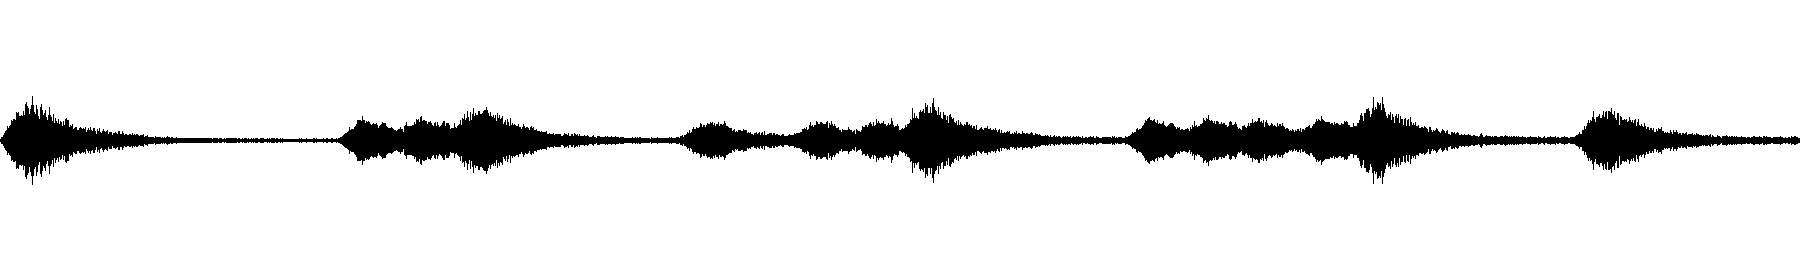 stringsloop 120bpm by sebasmf